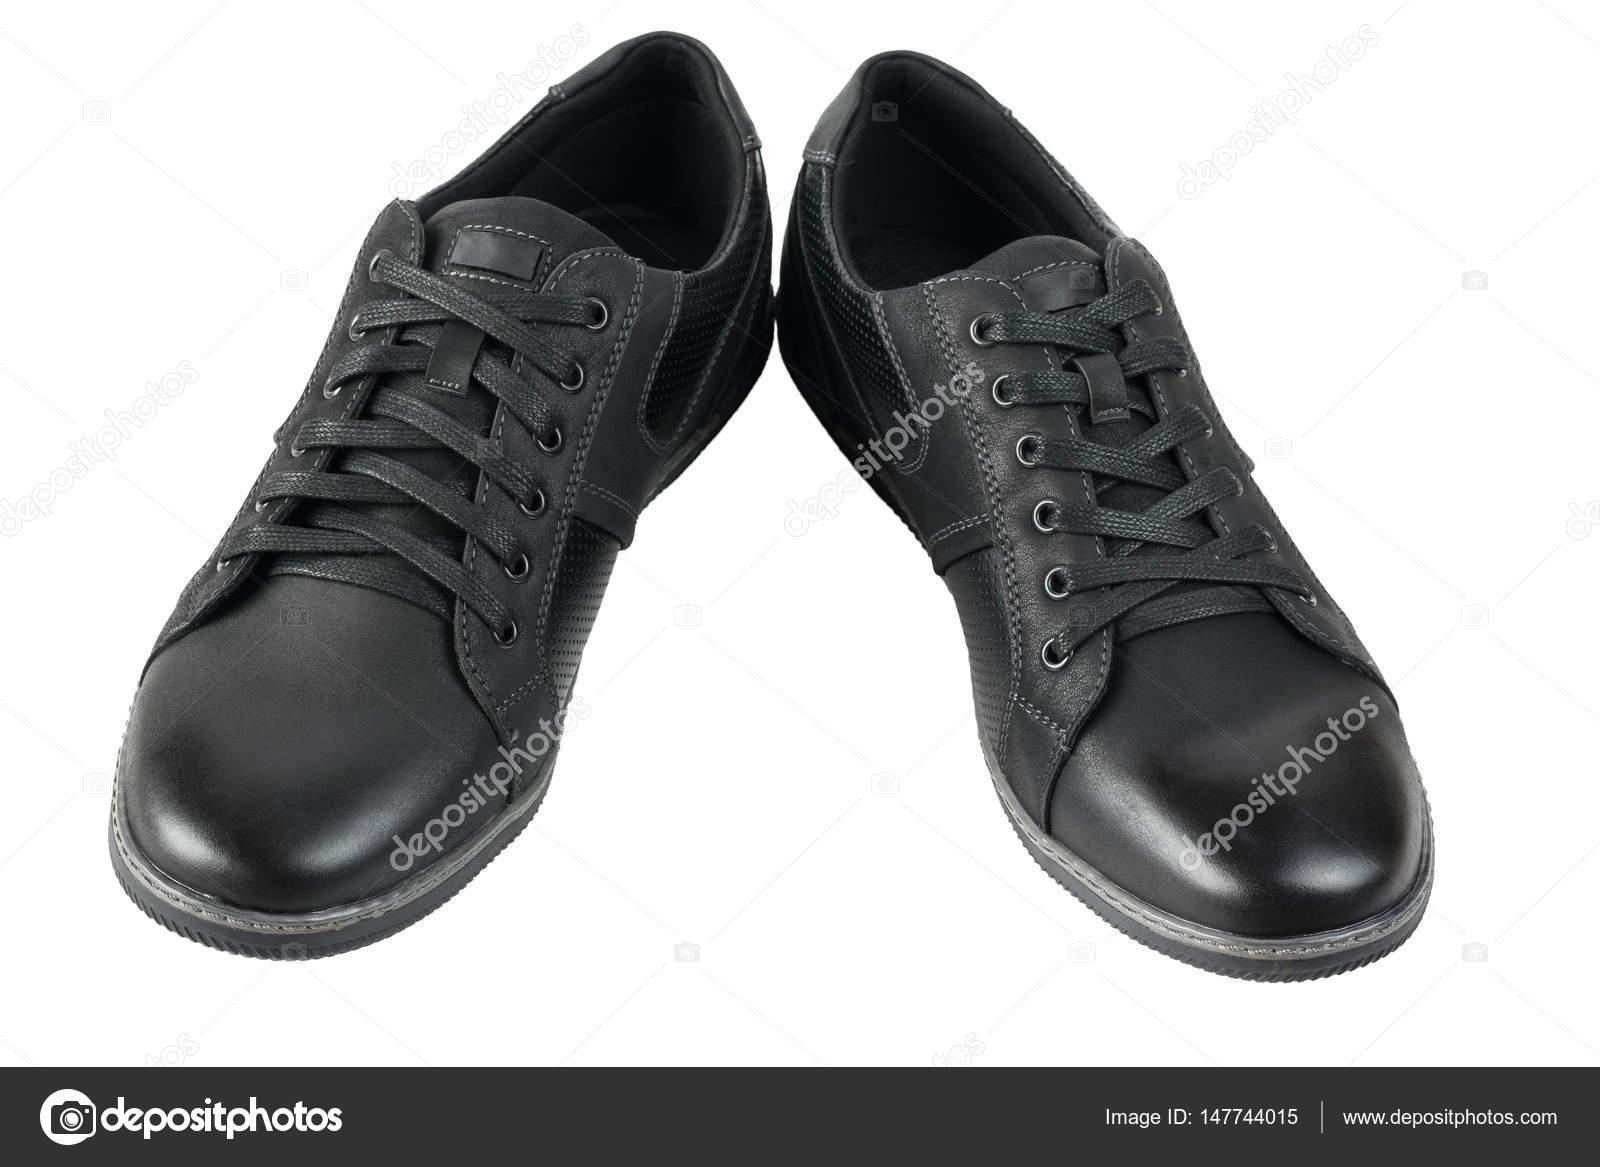 Herren Weißem Schuhe Schwarze Isoliert Sportliche Auf 43Rj5AL